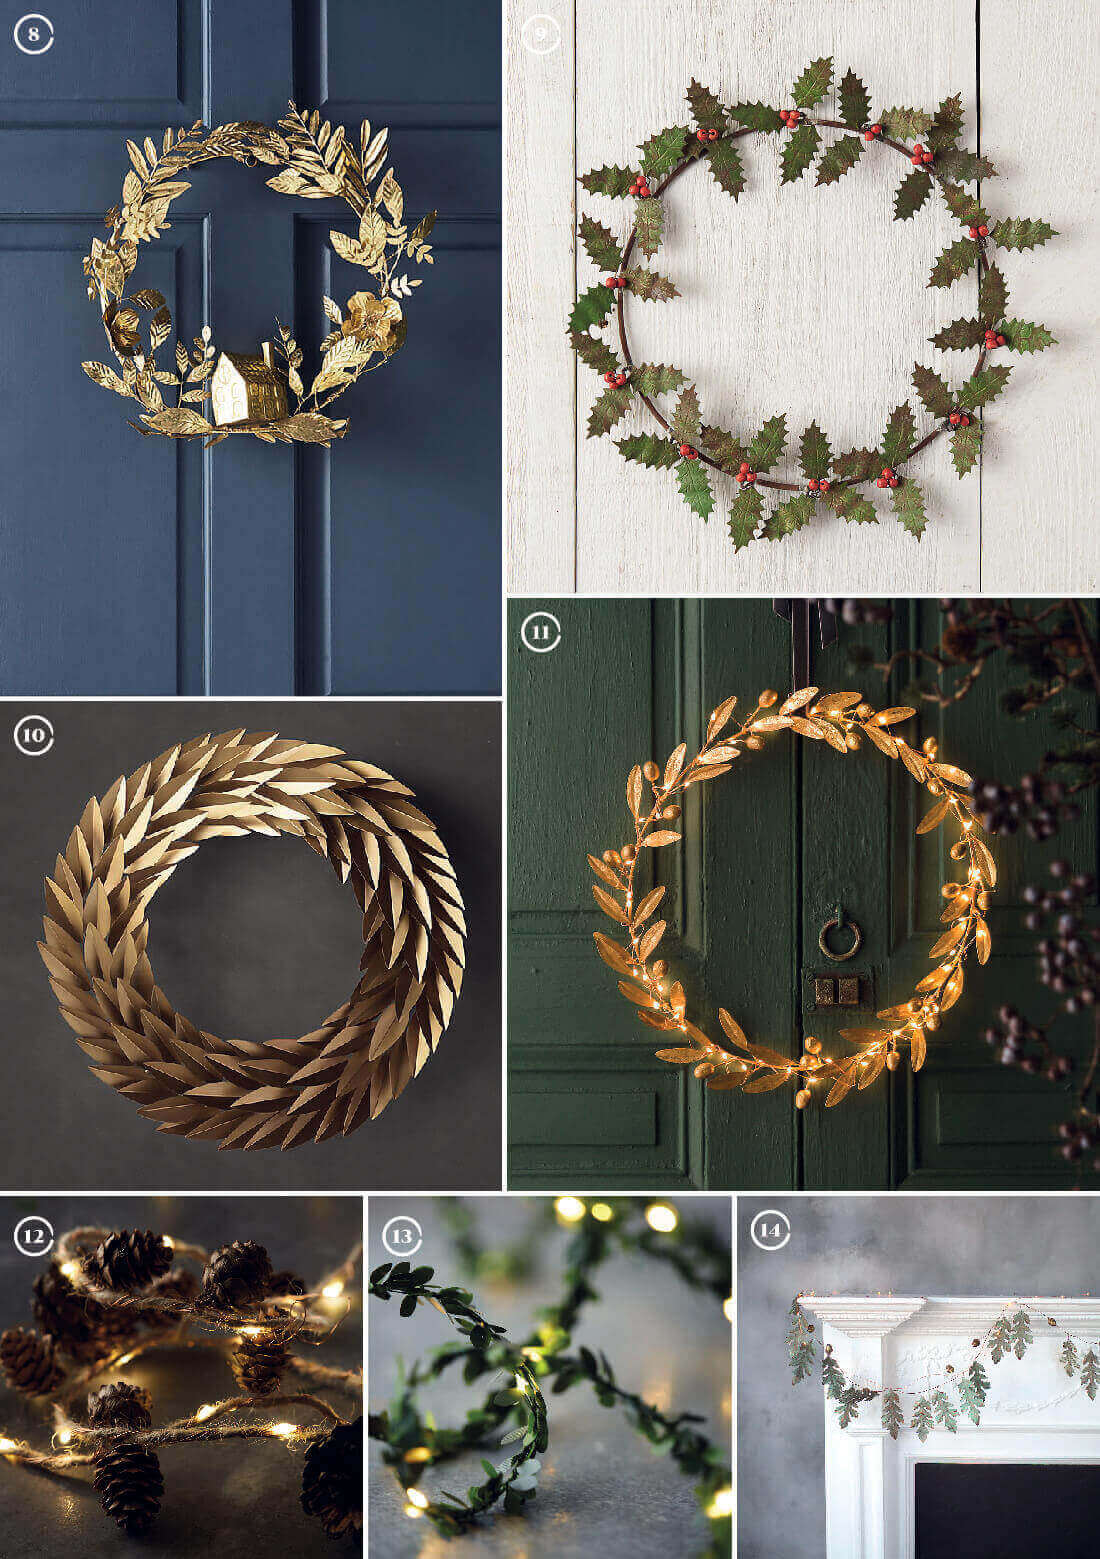 Decorazioni natalizie: ghirlande rotonde e in filo